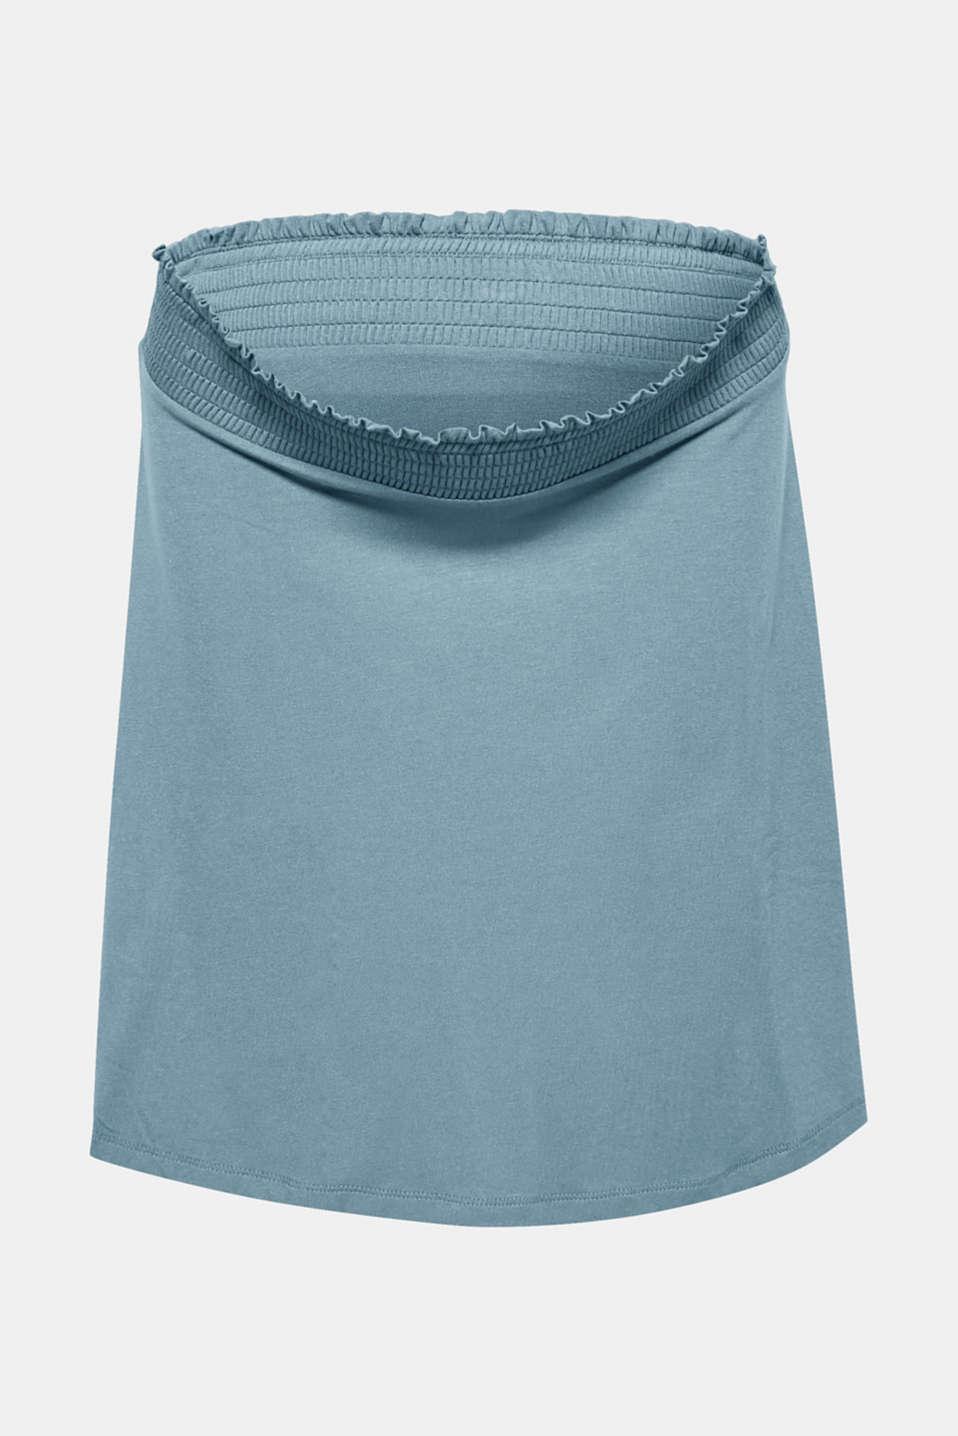 ESPRIT Web-Shorts mit Smok-Bund